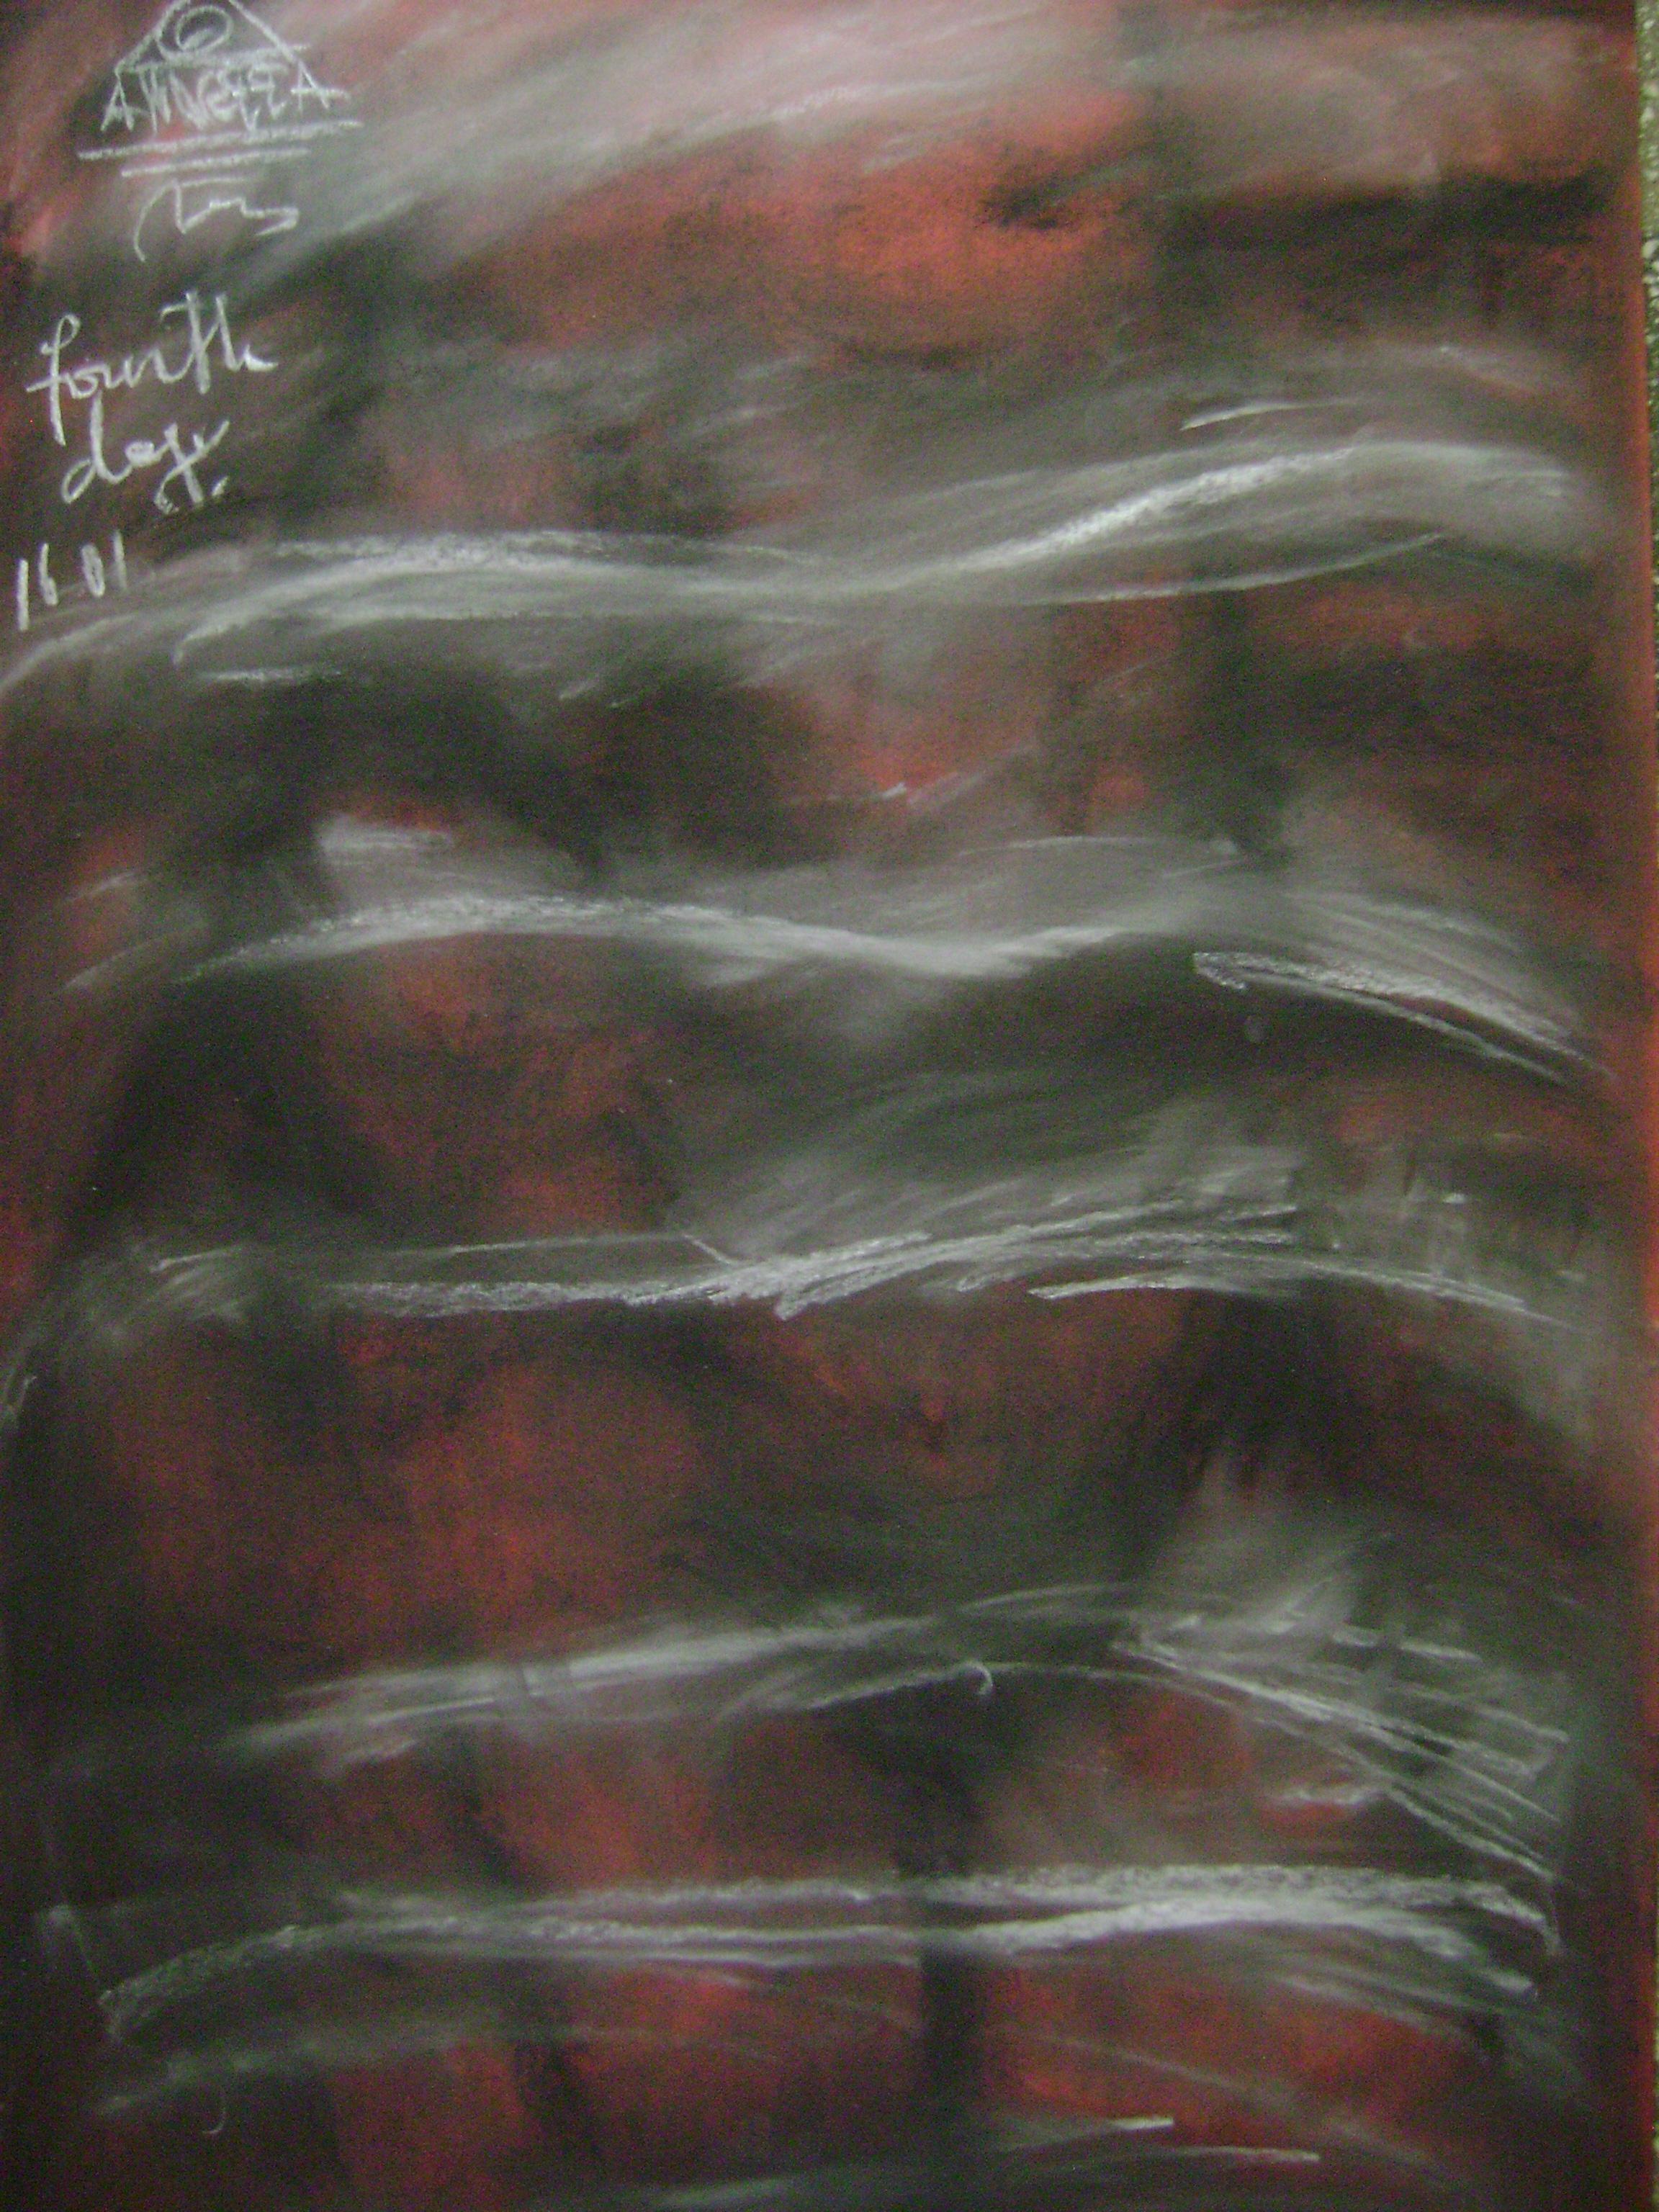 ANDREEA RUS , p. 4. artbook, 70-50 cm., 2015